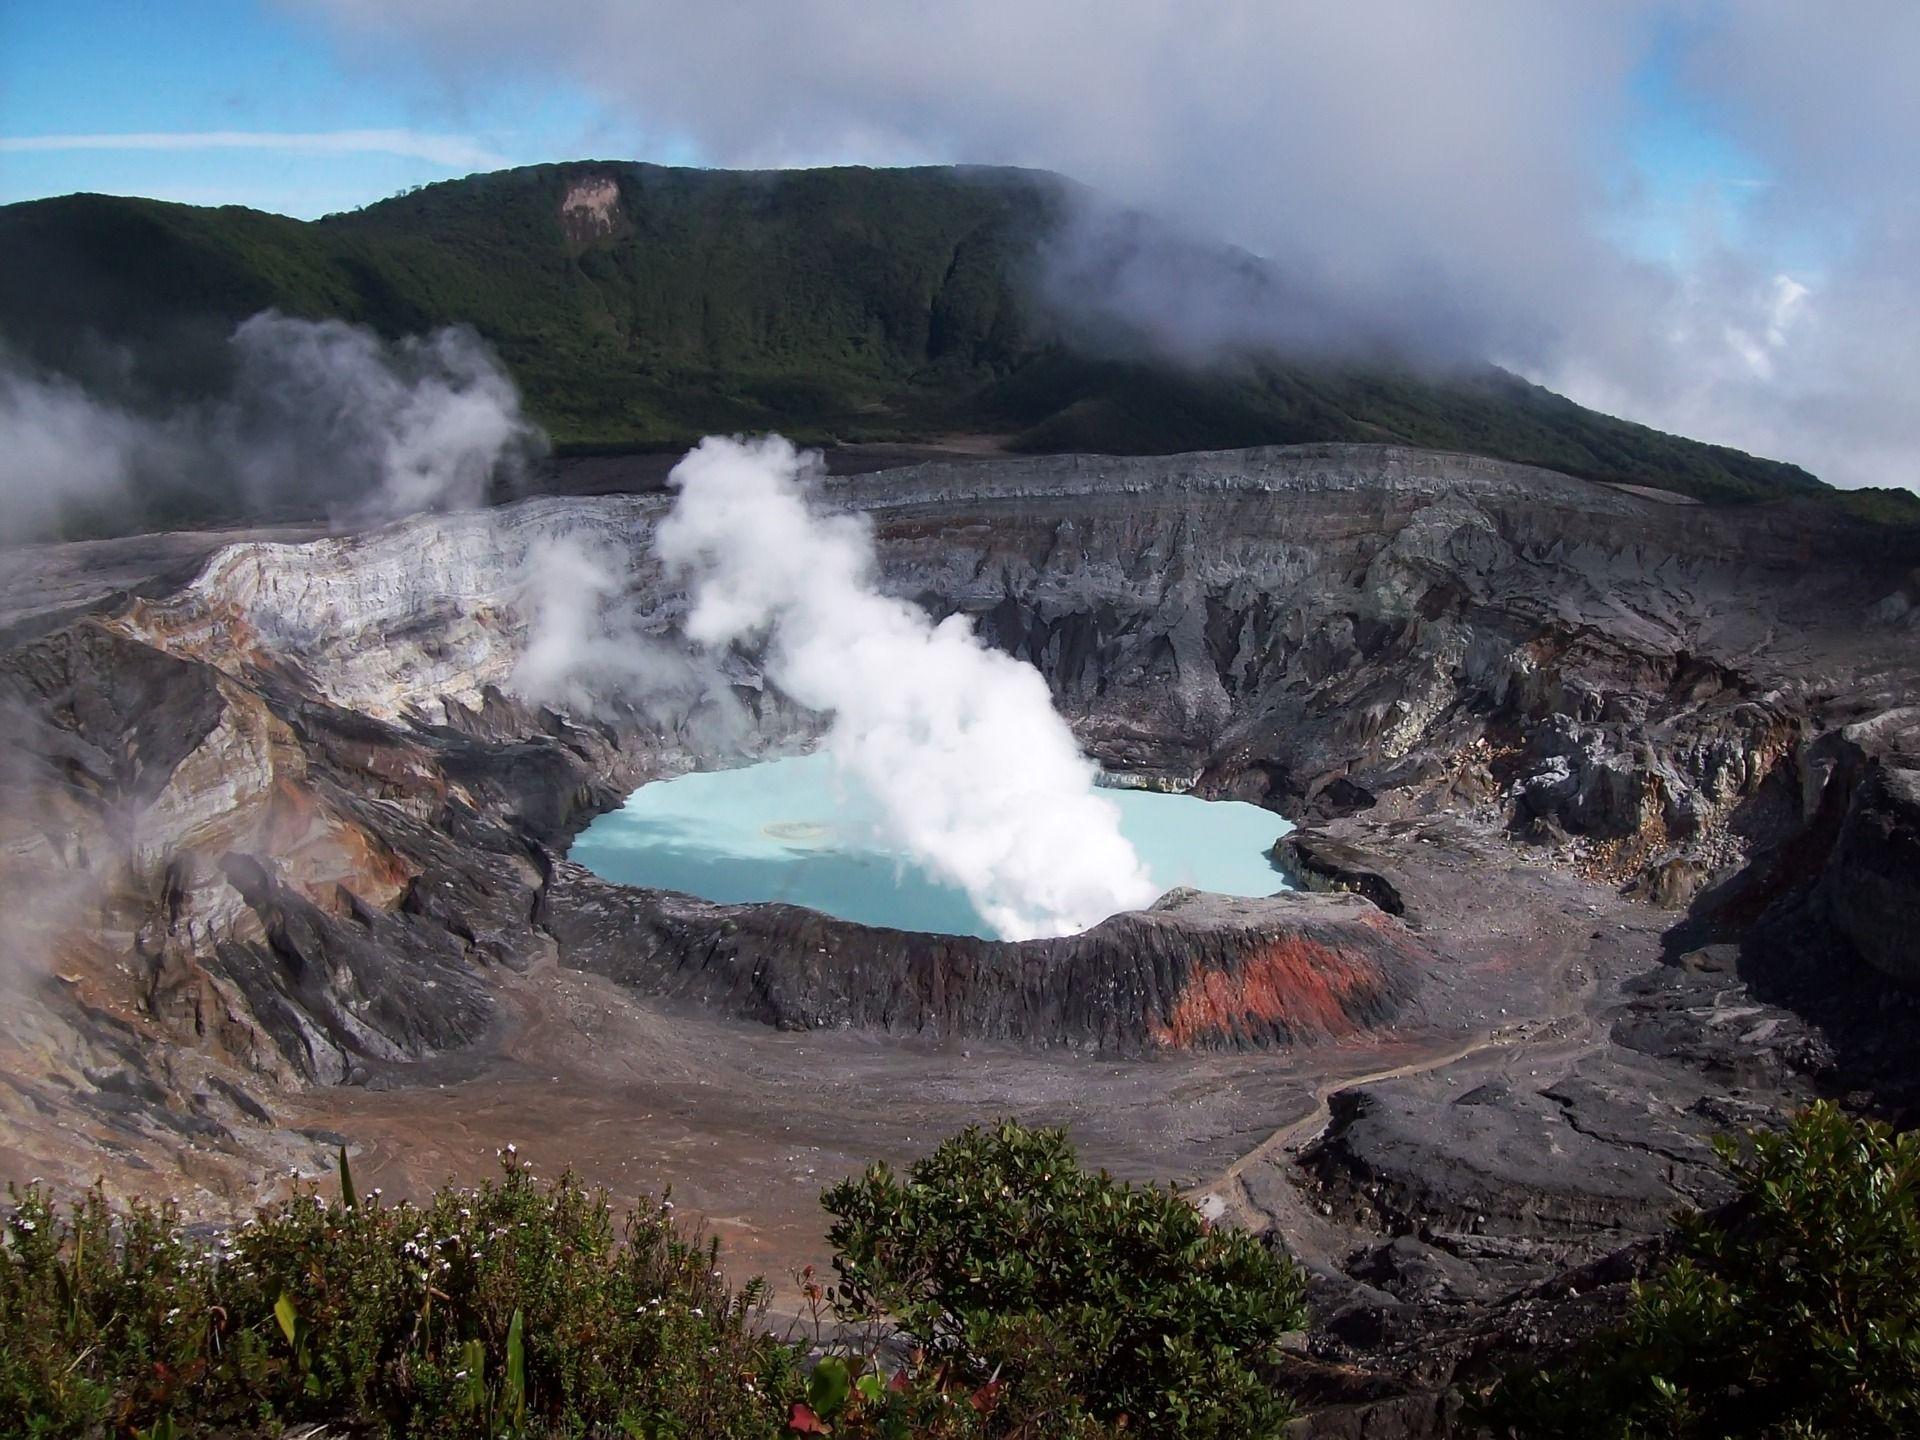 poas volcano, costa rica. david greenman and i hiked all the way